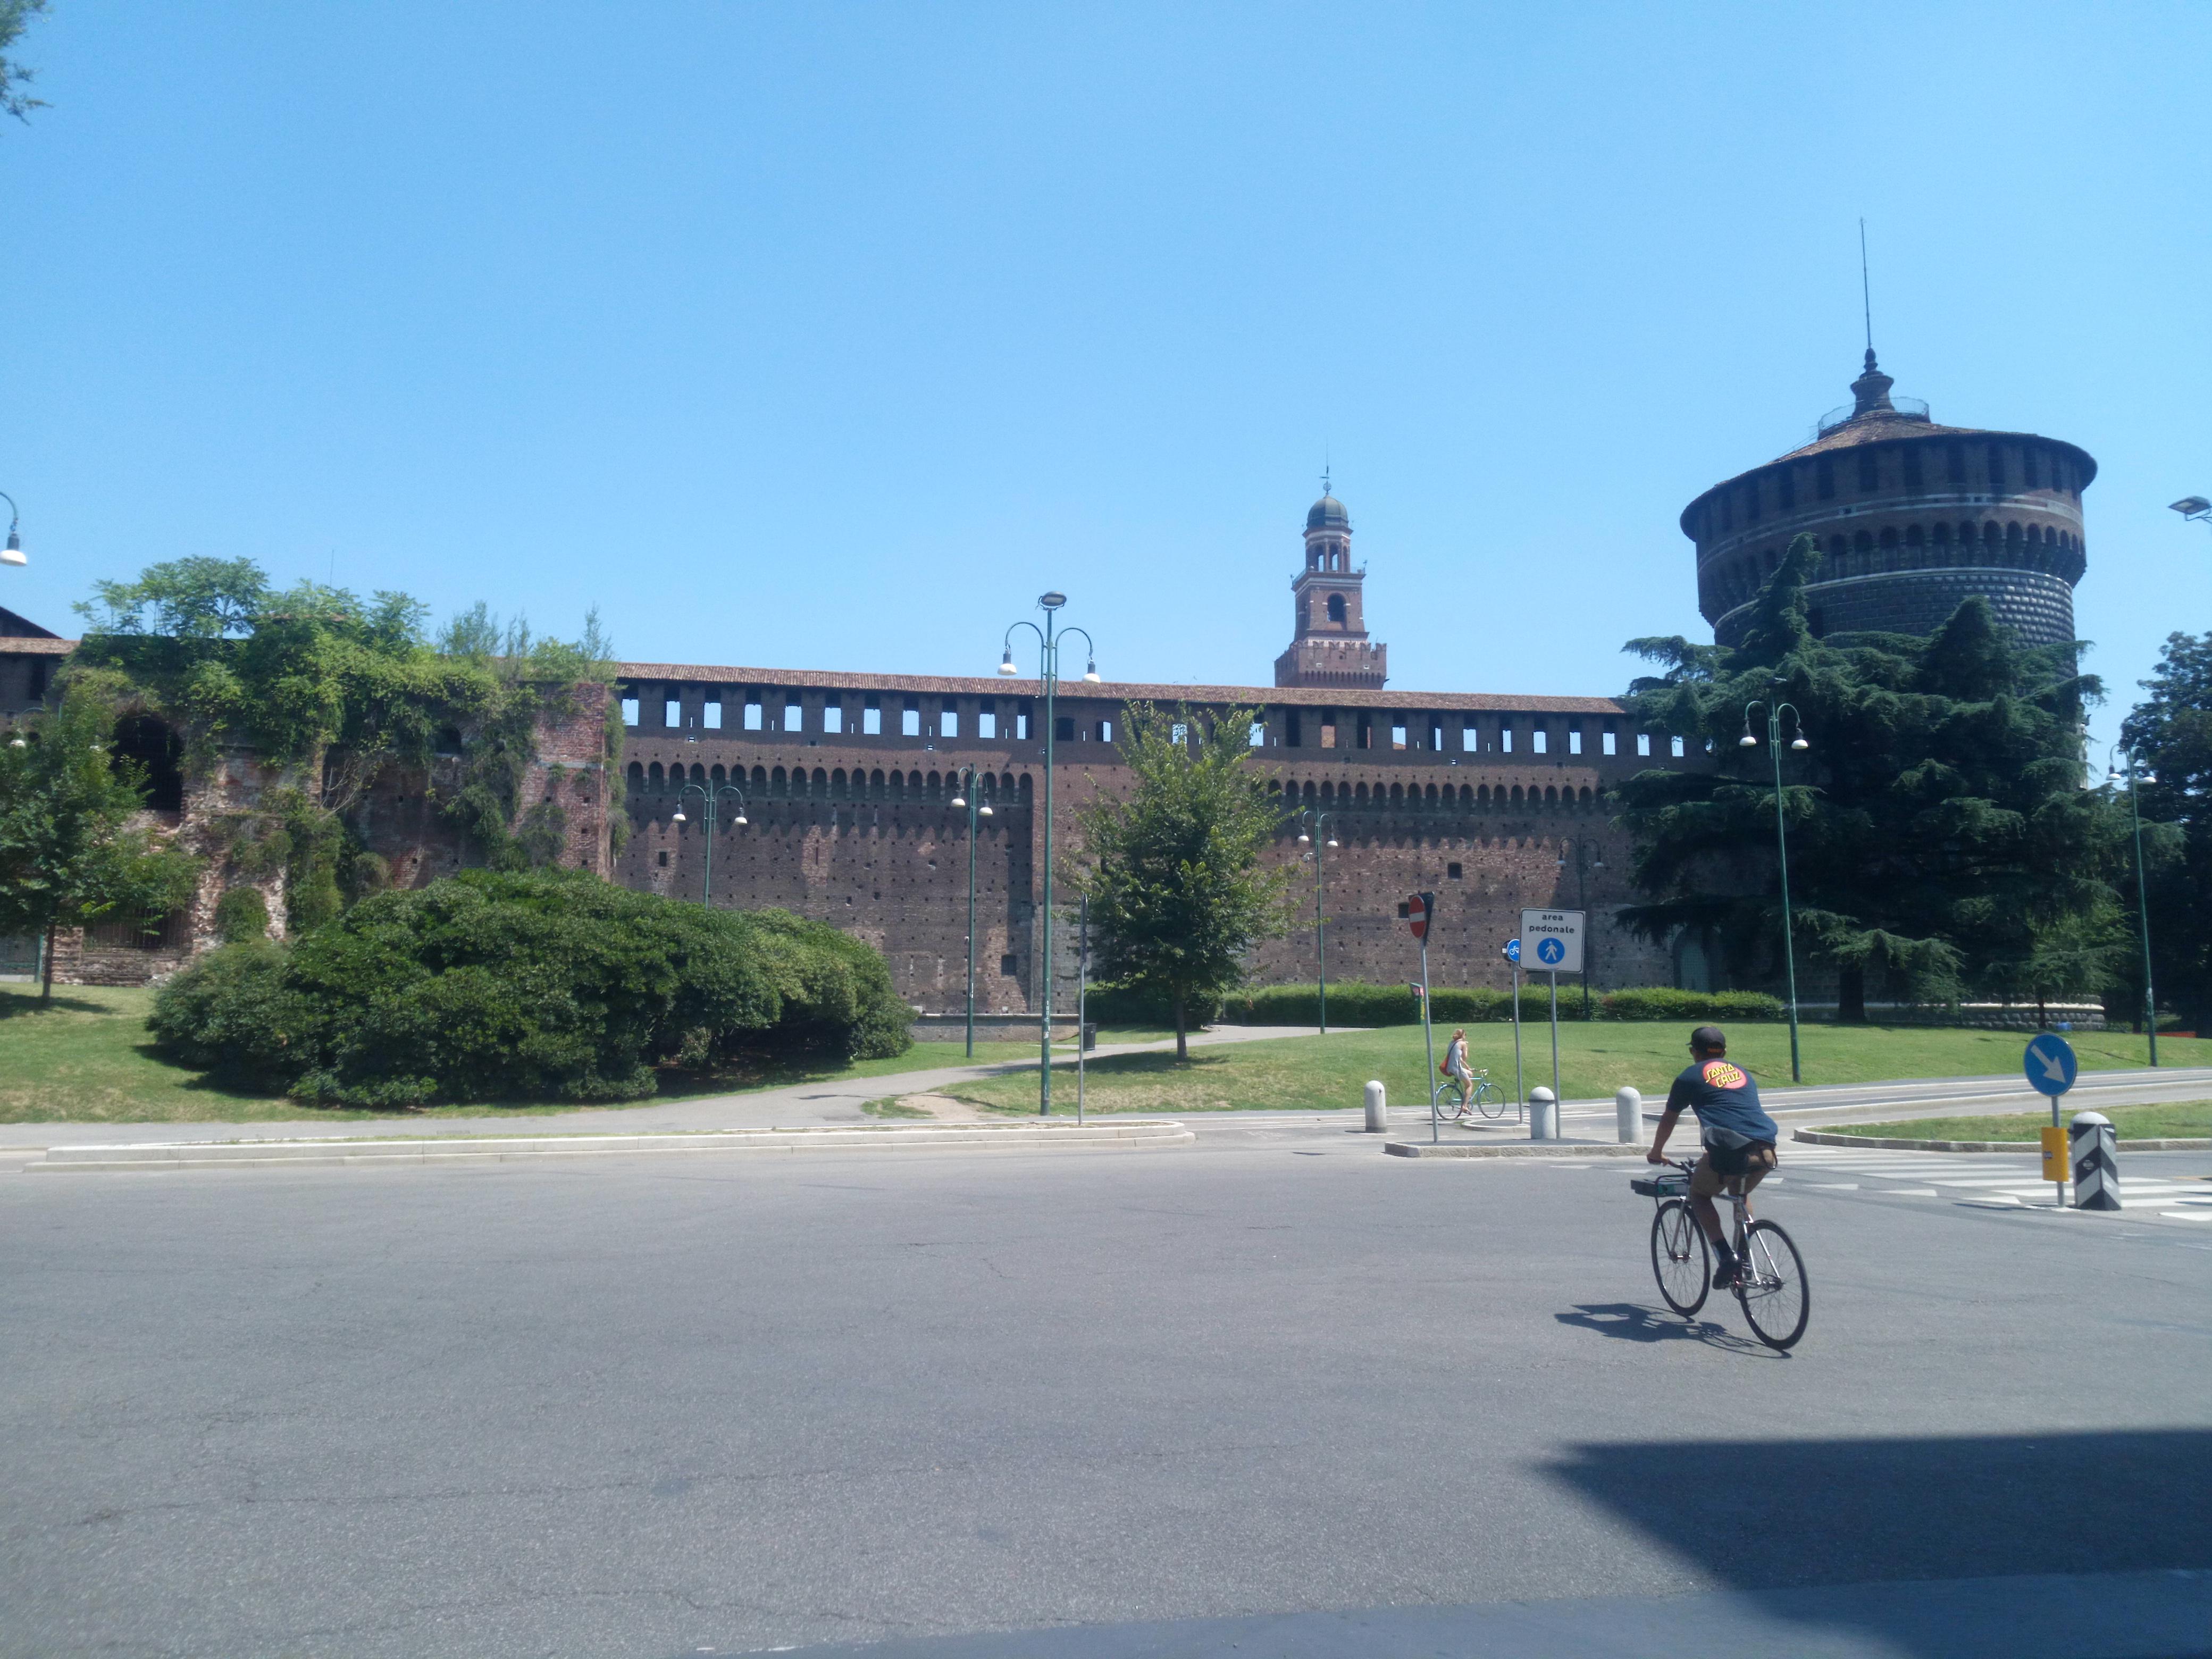 Passeggiando in bicicletta, fotografia di Marcella Ponassi